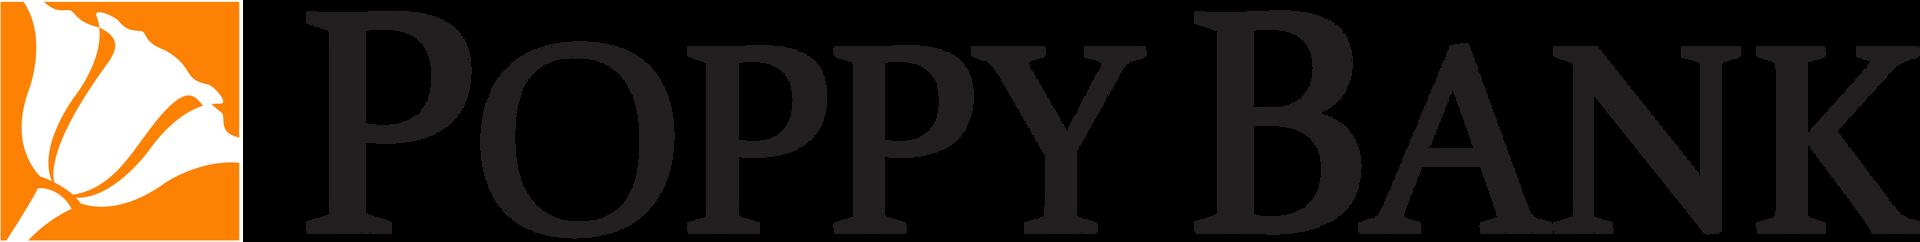 Poppy Bank